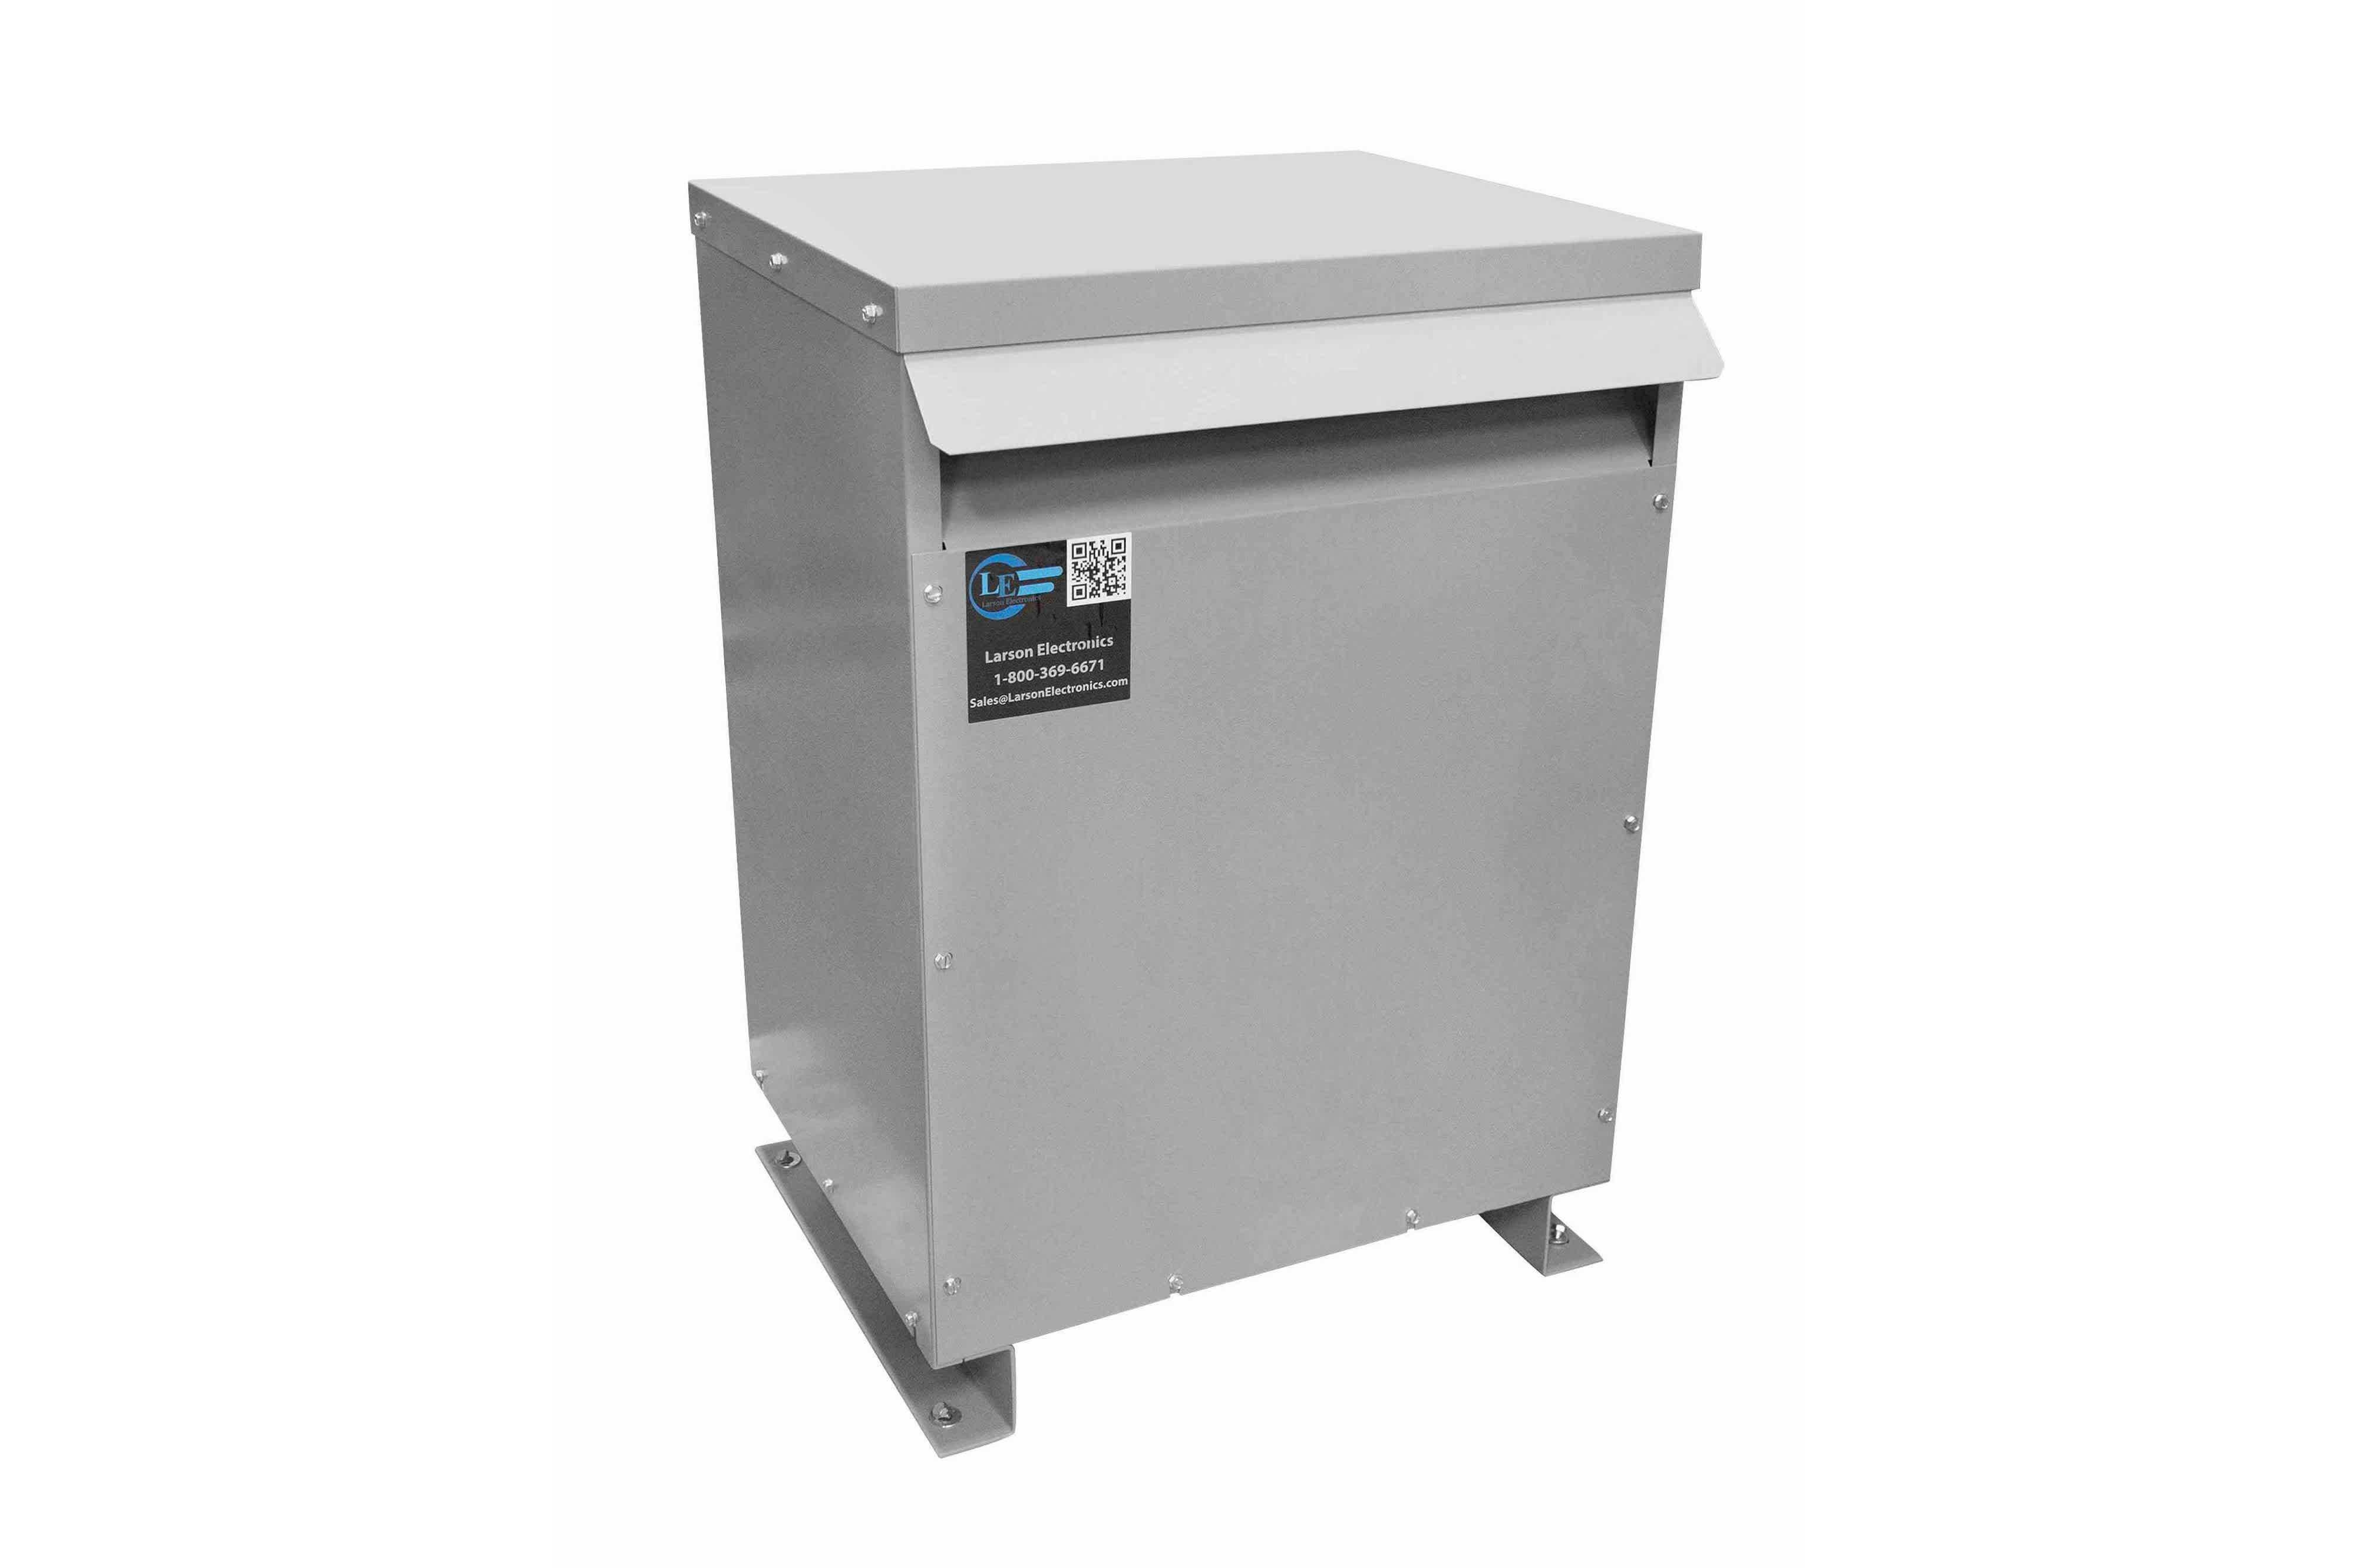 36 kVA 3PH DOE Transformer, 400V Delta Primary, 240V/120 Delta Secondary, N3R, Ventilated, 60 Hz